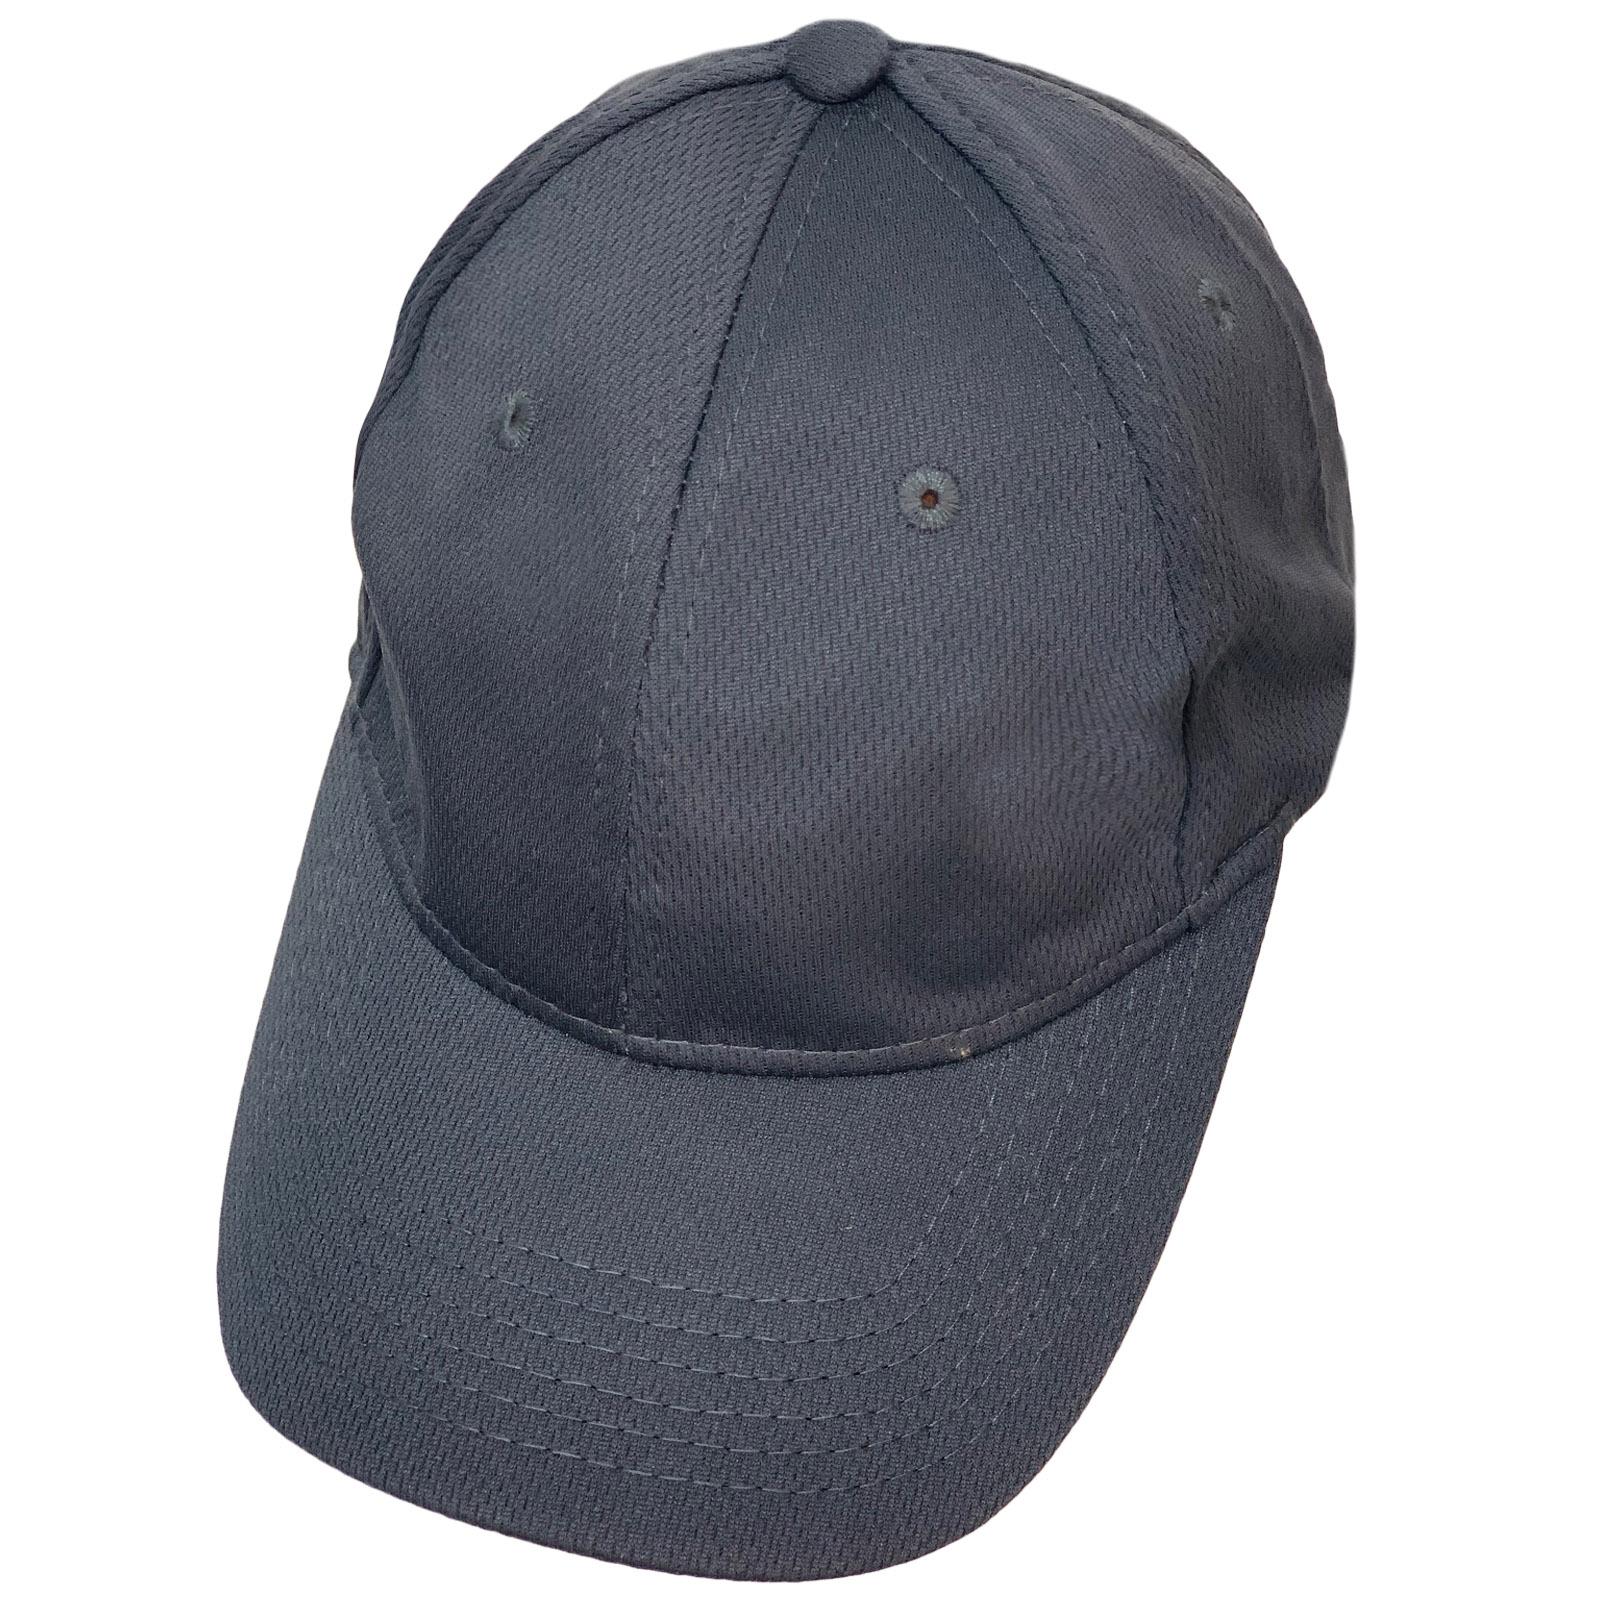 Бейсболка темно-серого цвета из текстурной ткани